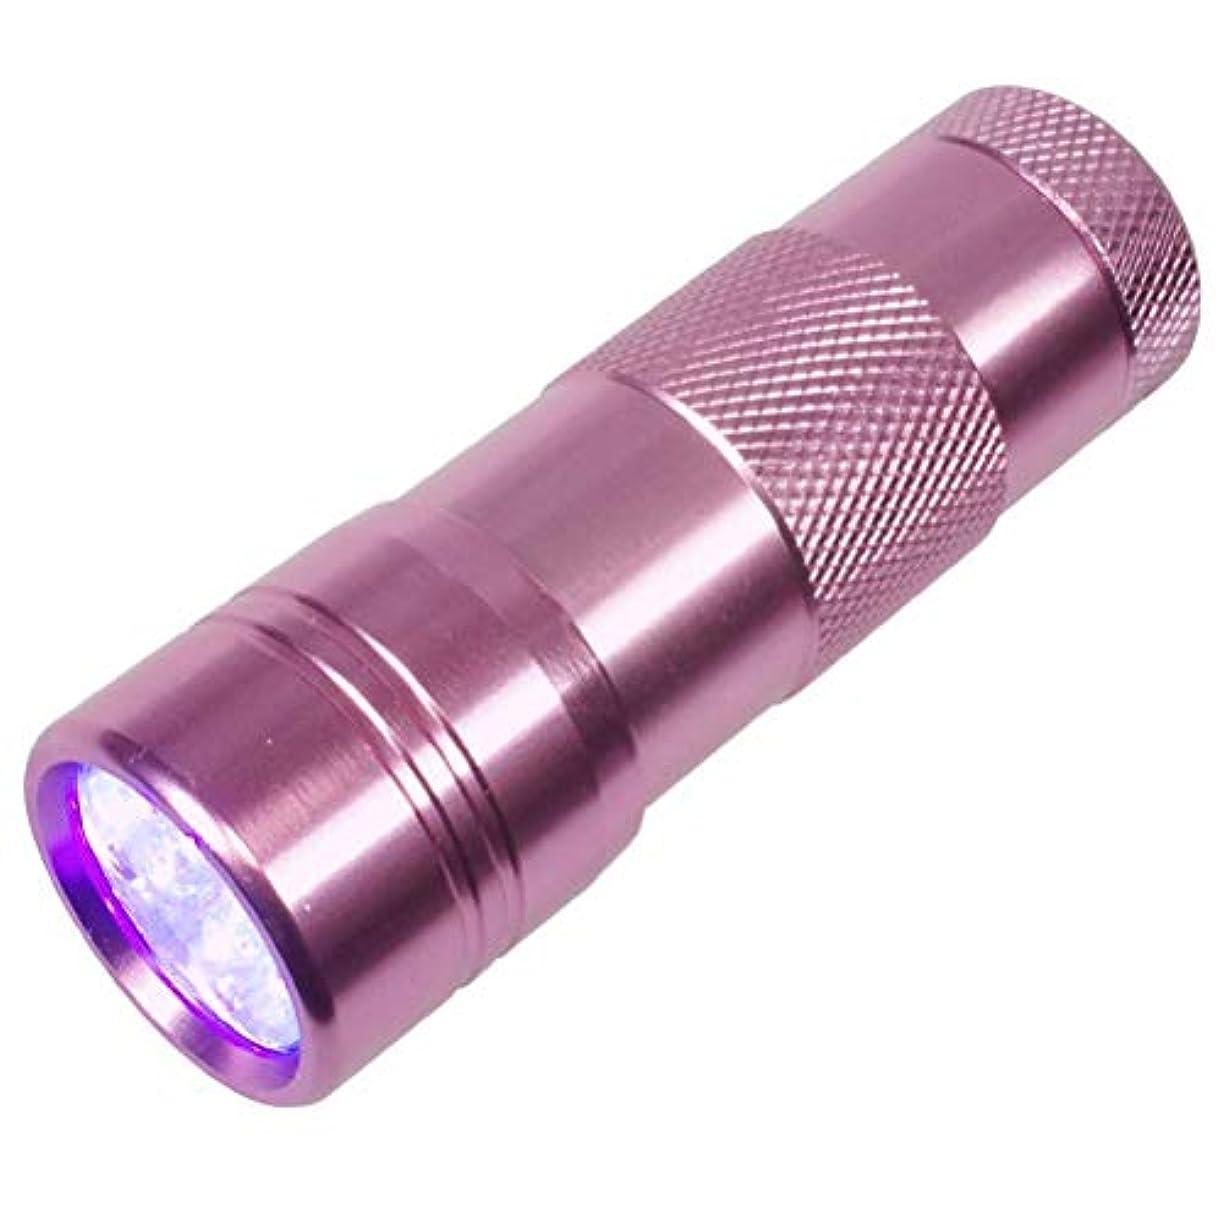 ベルト鹿ティッシュジェルネイル用UVライト ペン型LEDライト ミニサイズ 携帯用ハンディライト